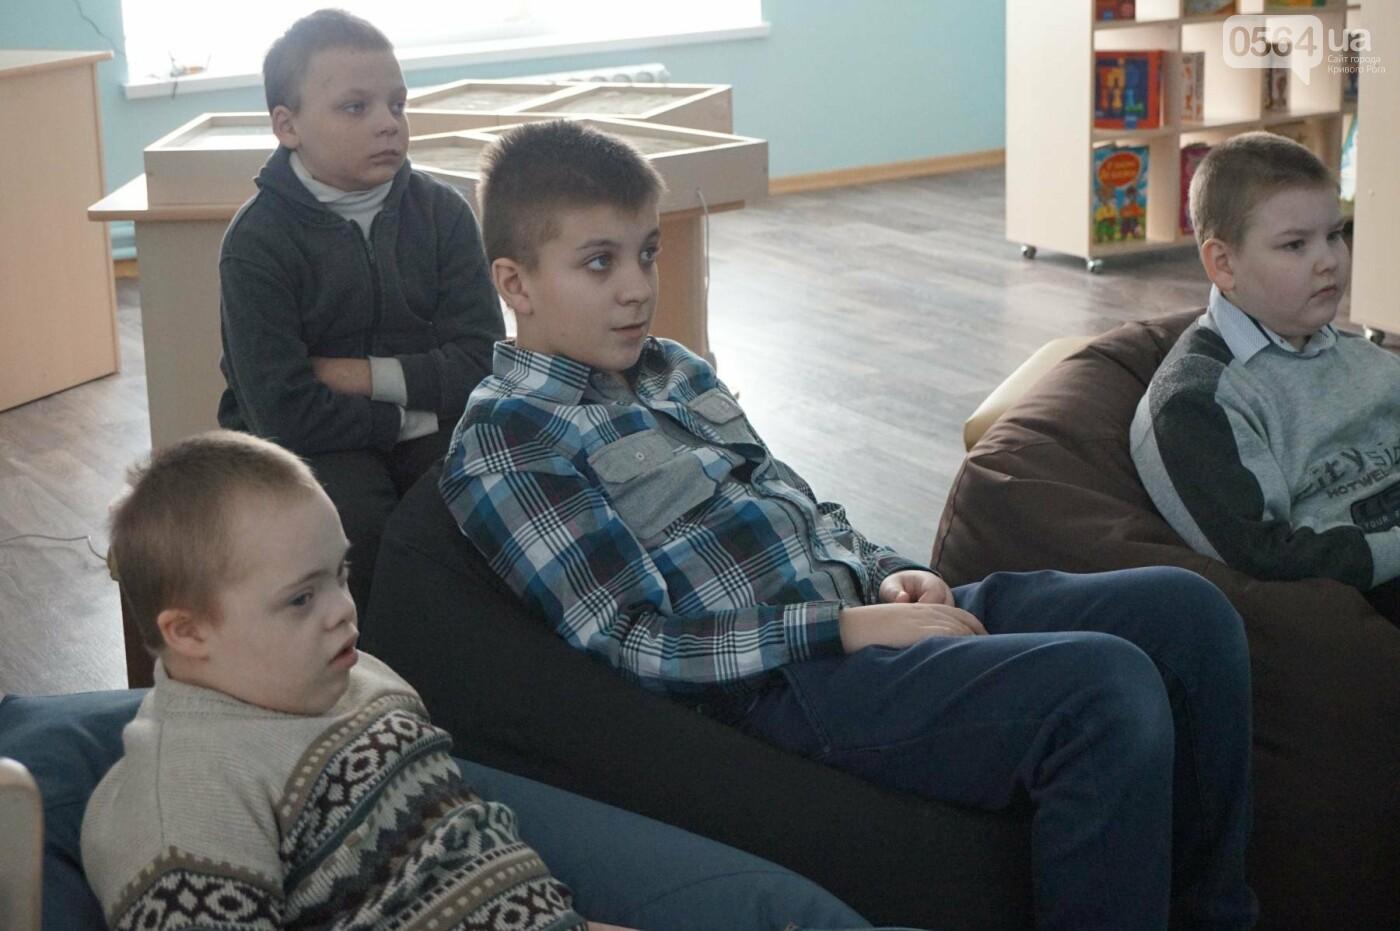 Приближаясь к Европе: Как в школах Кривого Рога внедряют инклюзию (ФОТО), фото-8